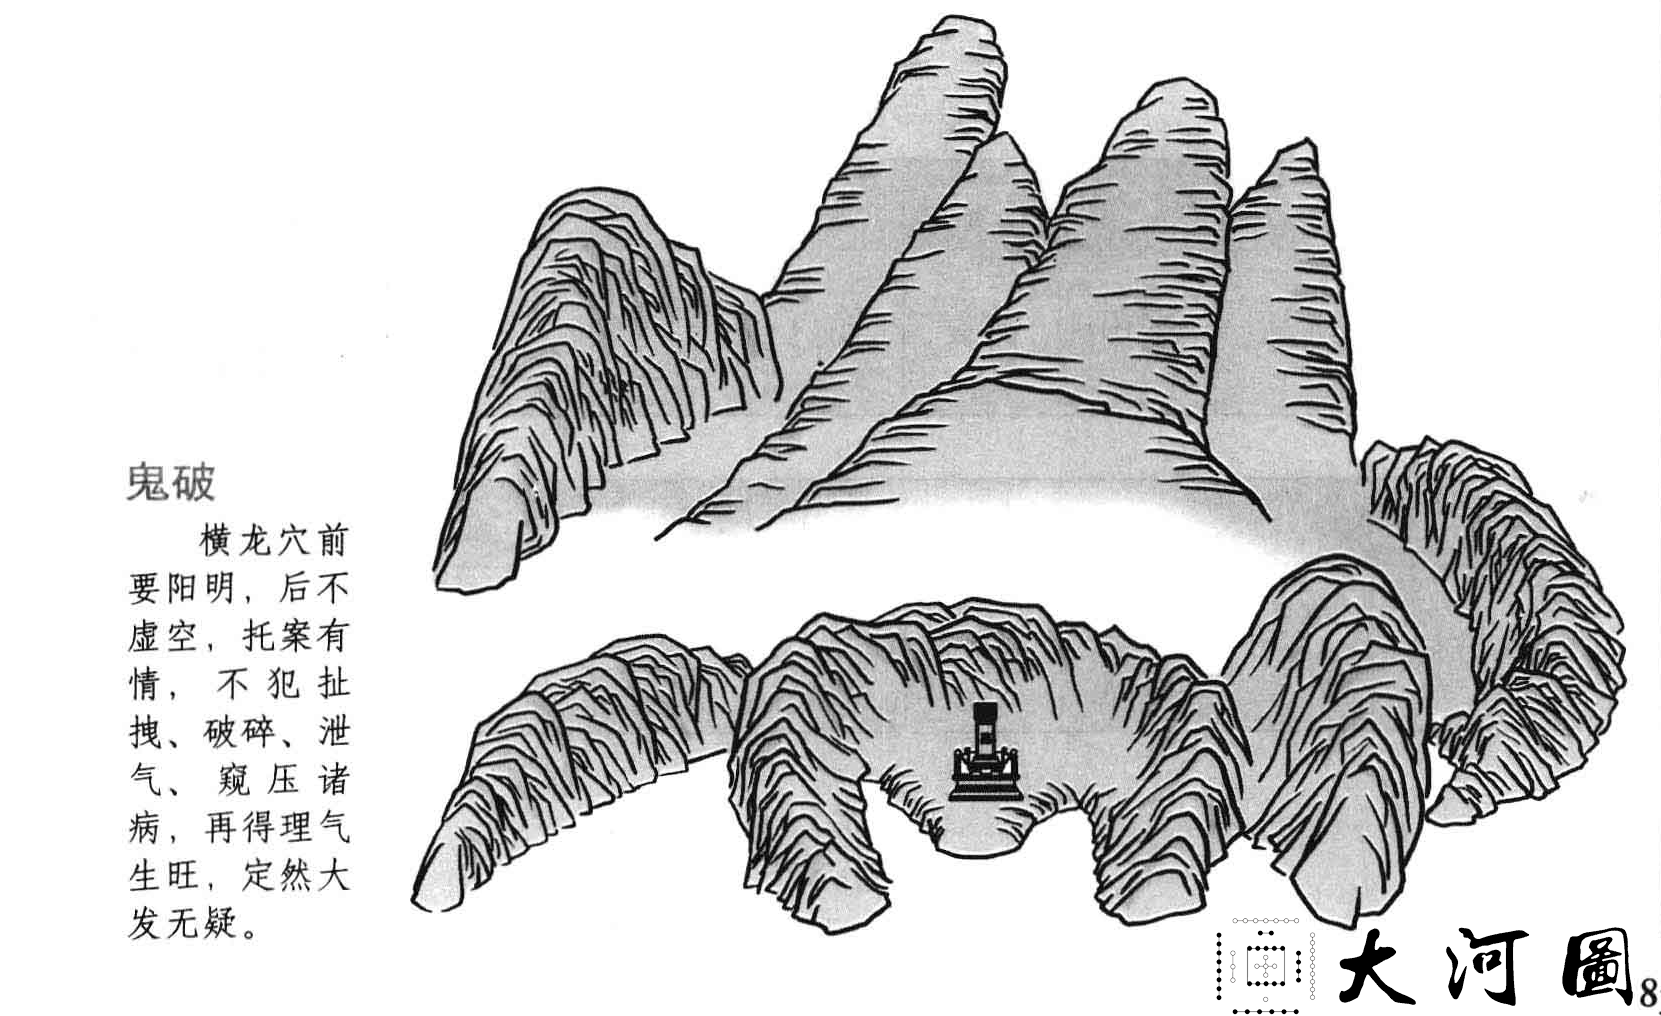 贵人方位和禄山的方位对应关系规律 和天干纳甲地支藏干的关系